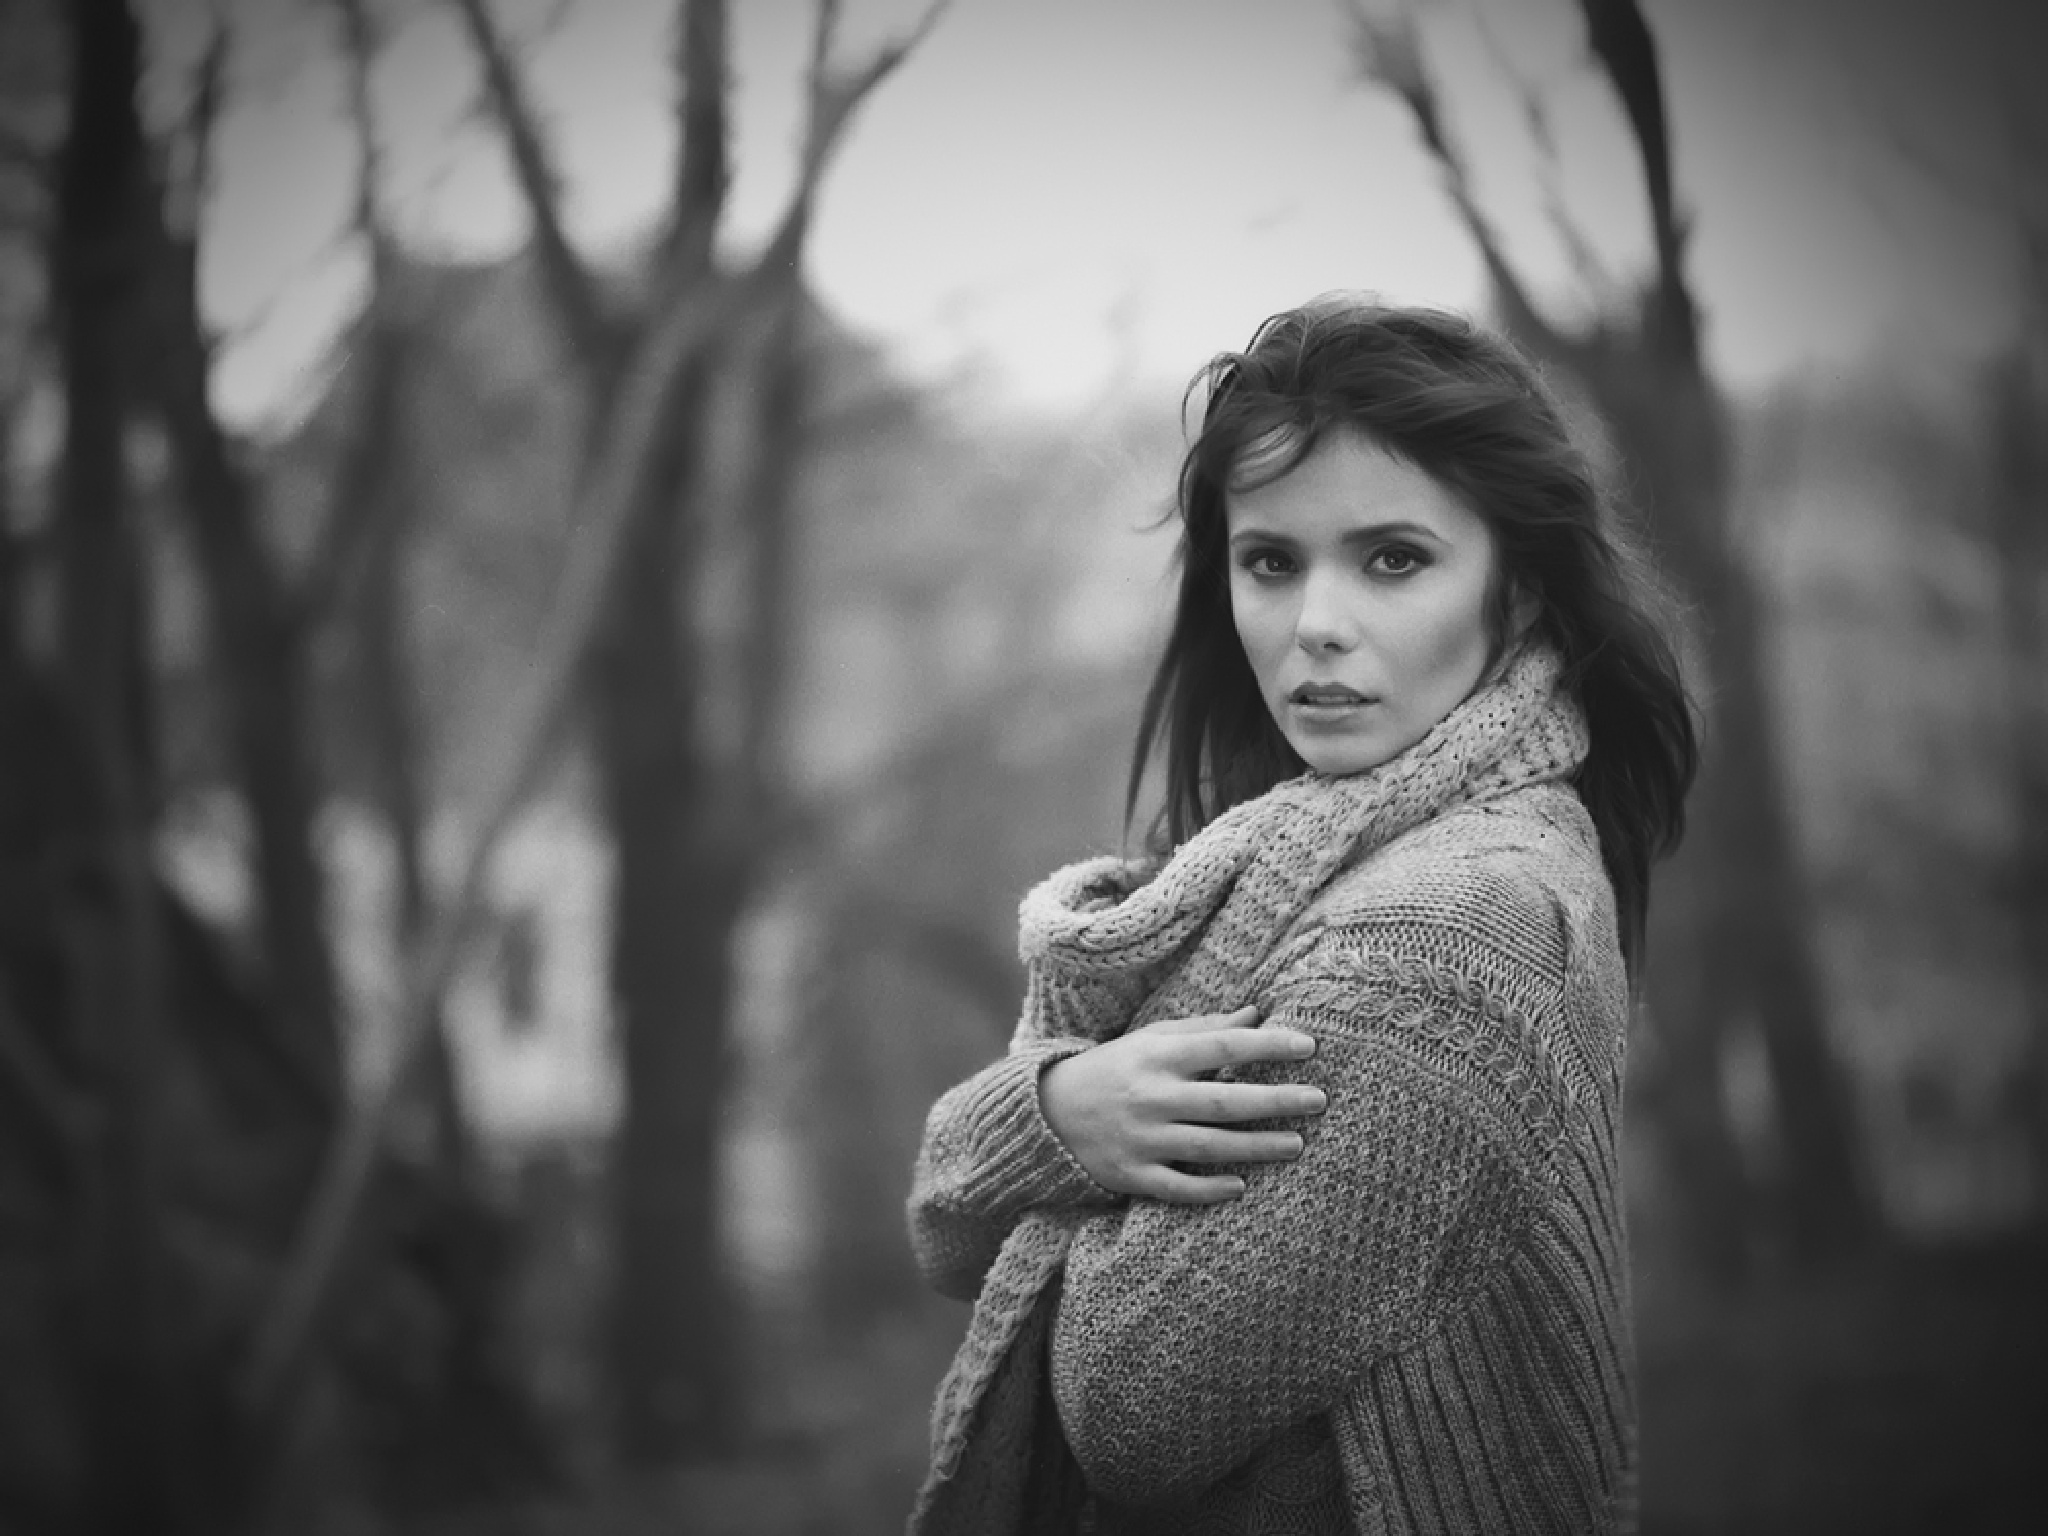 Karolina by Mirek Brzozowski